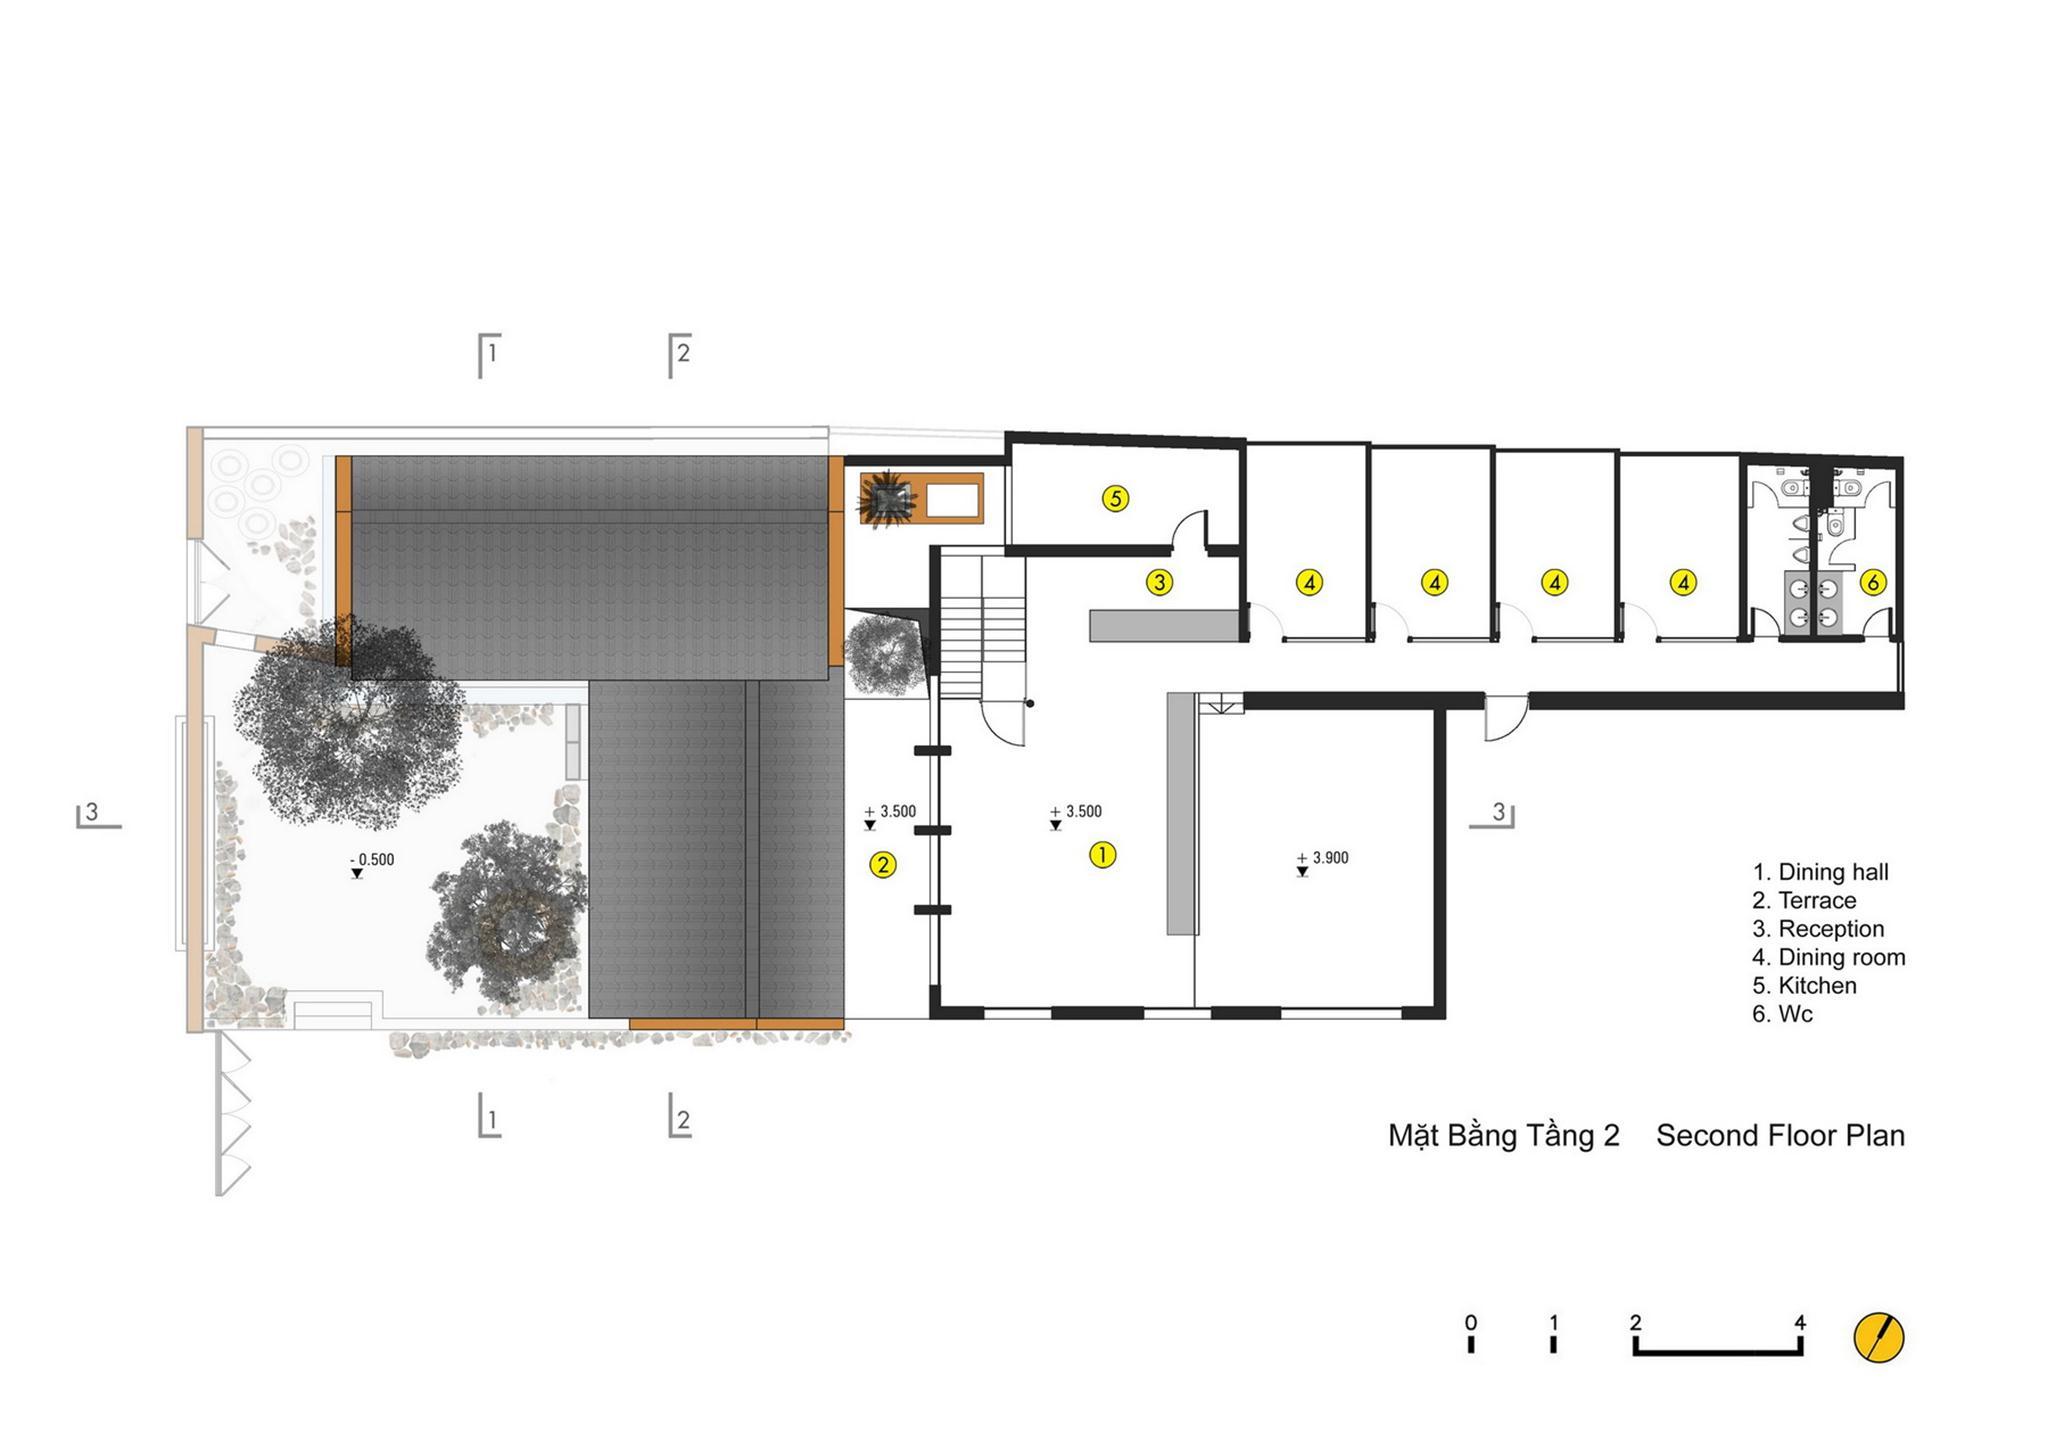 019 Second Floor Plan